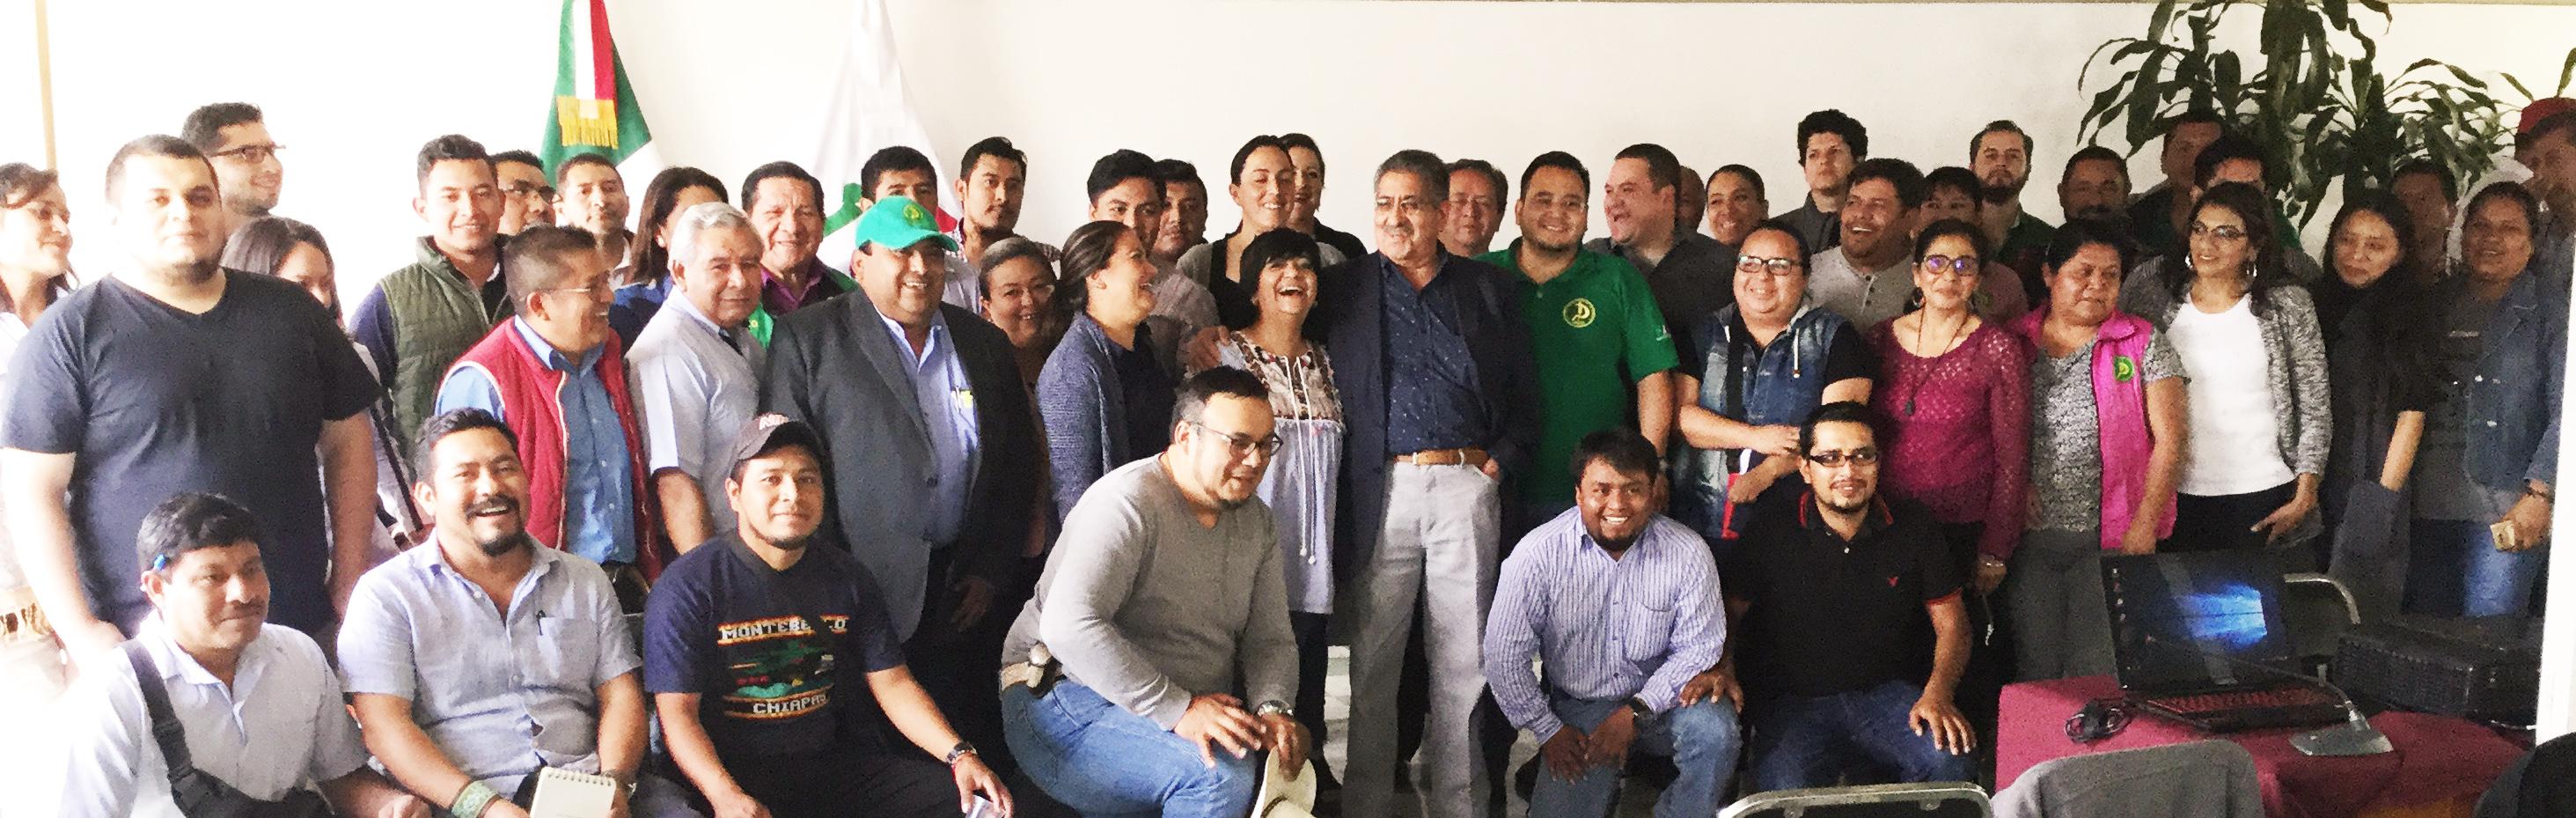 Dra. Edna Elena Vega Rangel, titular de CONAVI en reunión con integrantes del Frente Autentico del Campo (FAC)